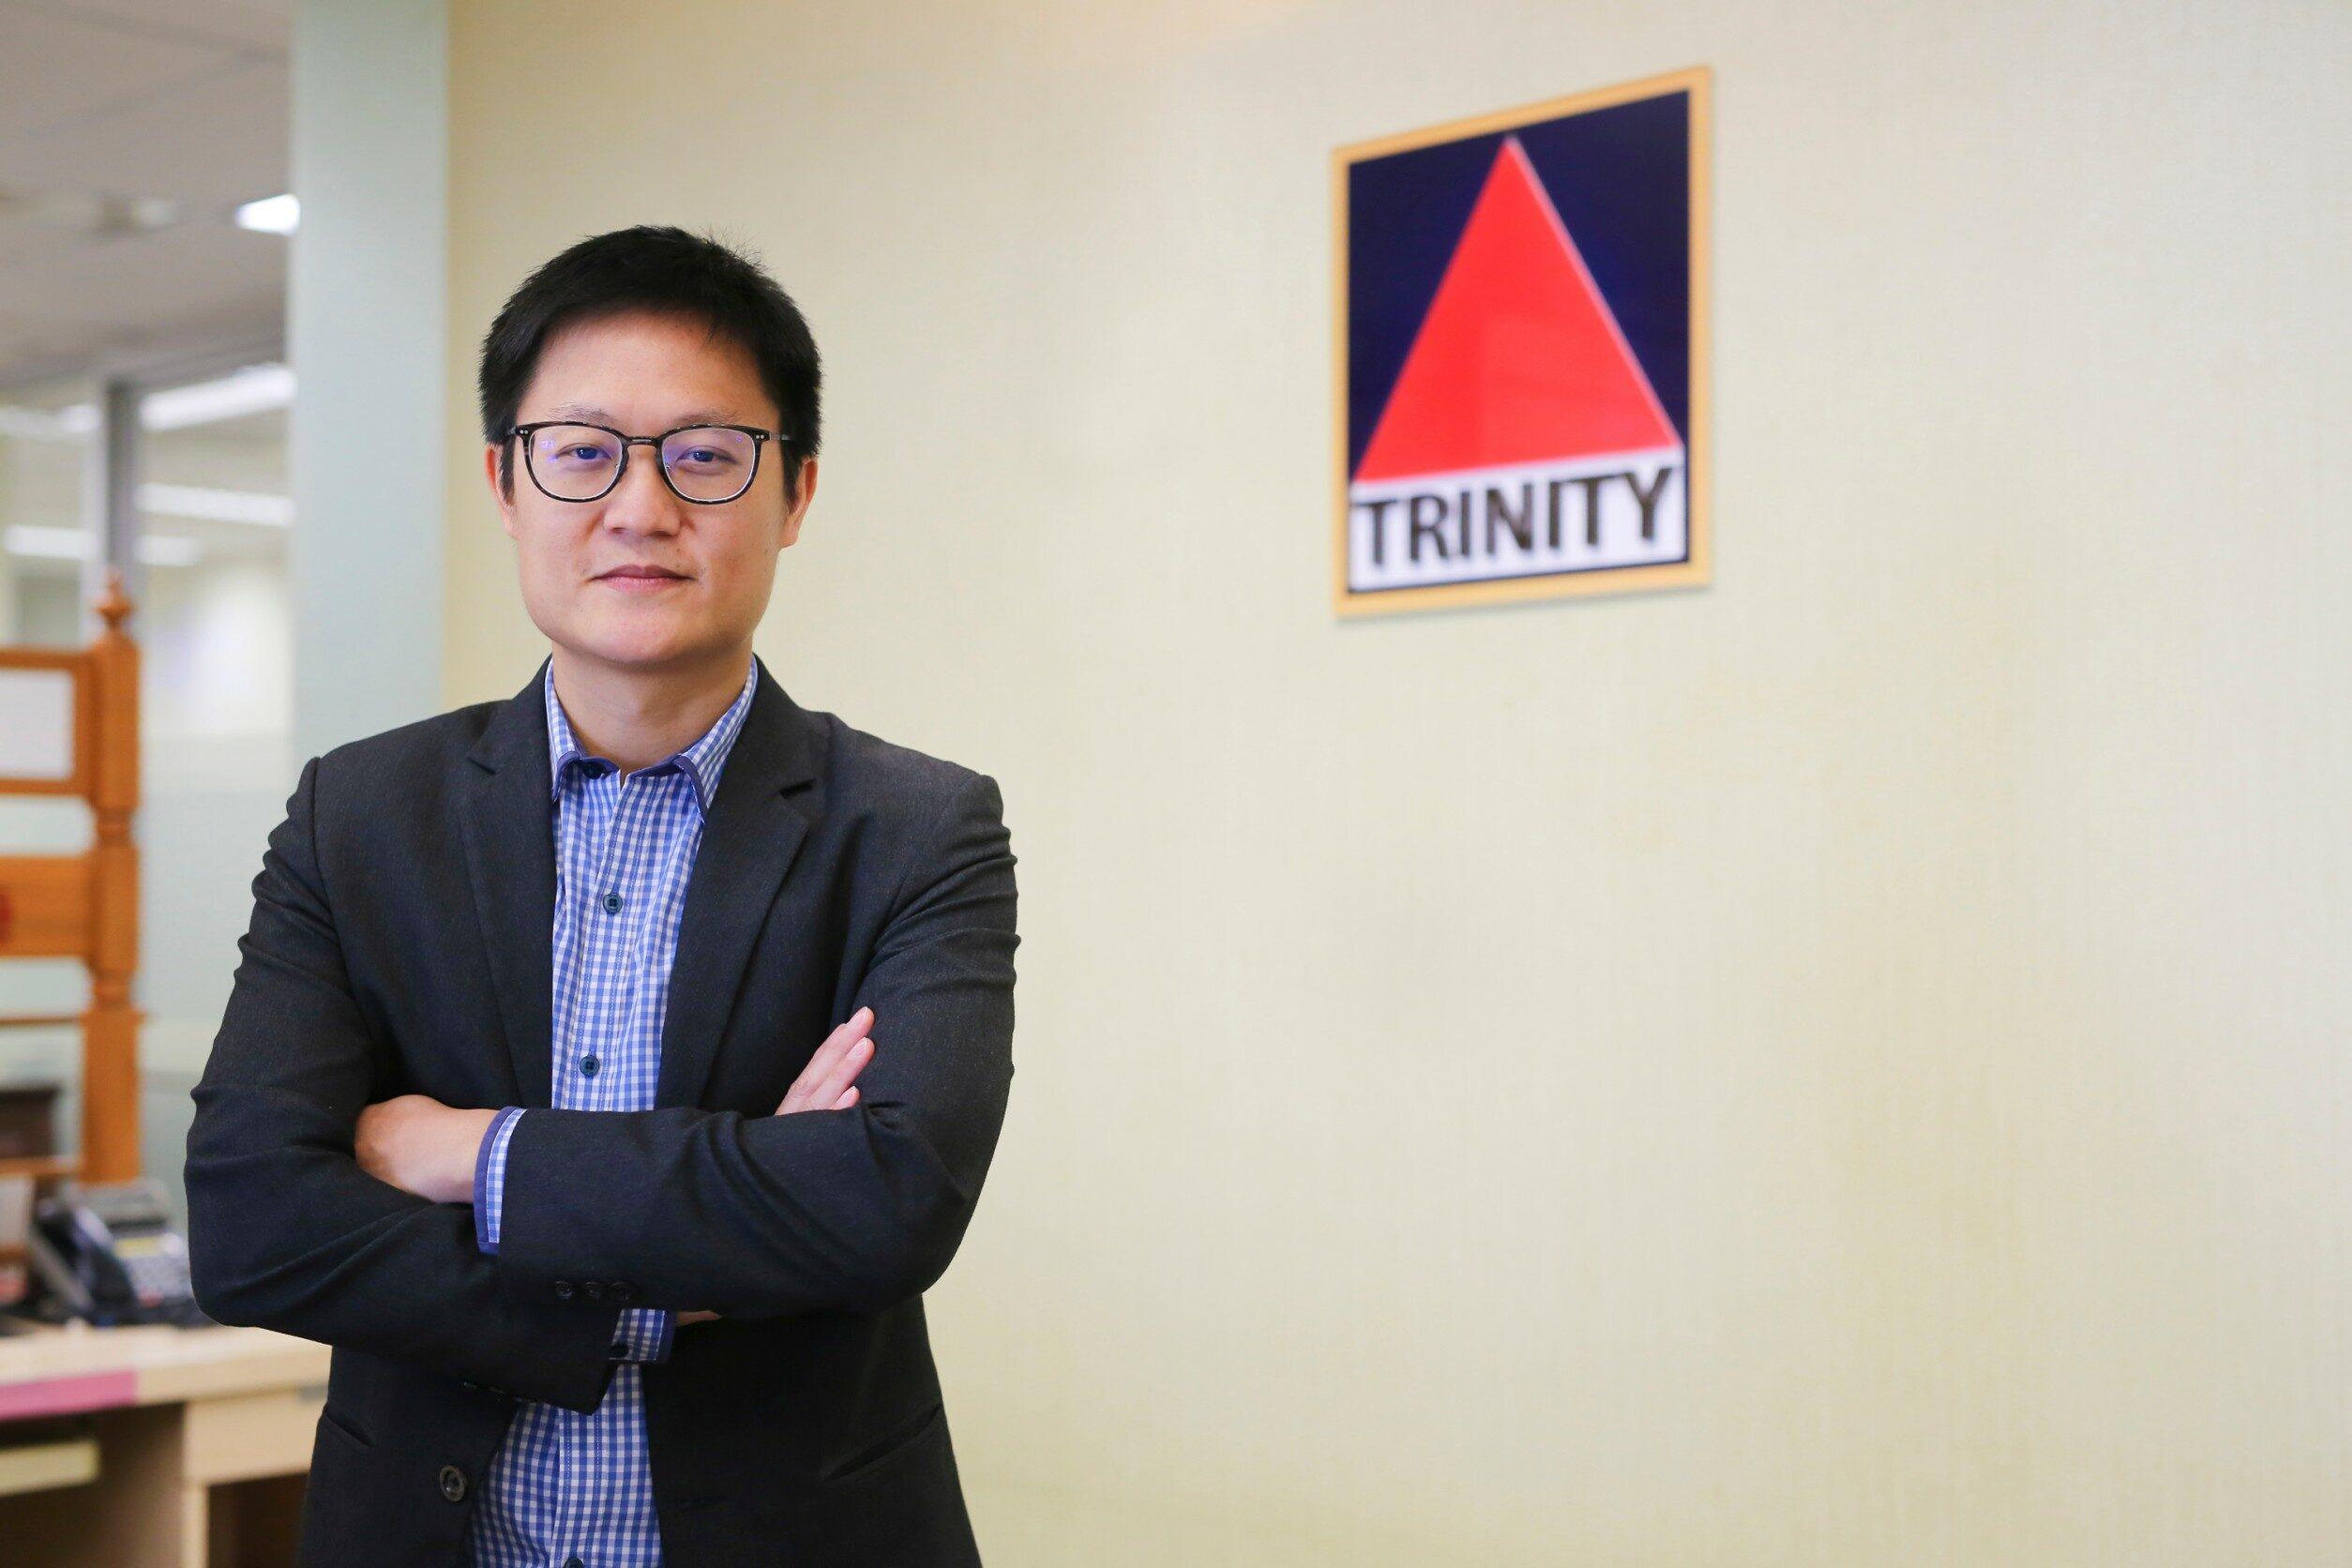 'ทรีนีตี้' ชี้หุ้นไทยมีโอกาสลงลึกแตะระดับ 1,450 จุด พร้อมคัด 13 หุ้นเด่นน่าตุน